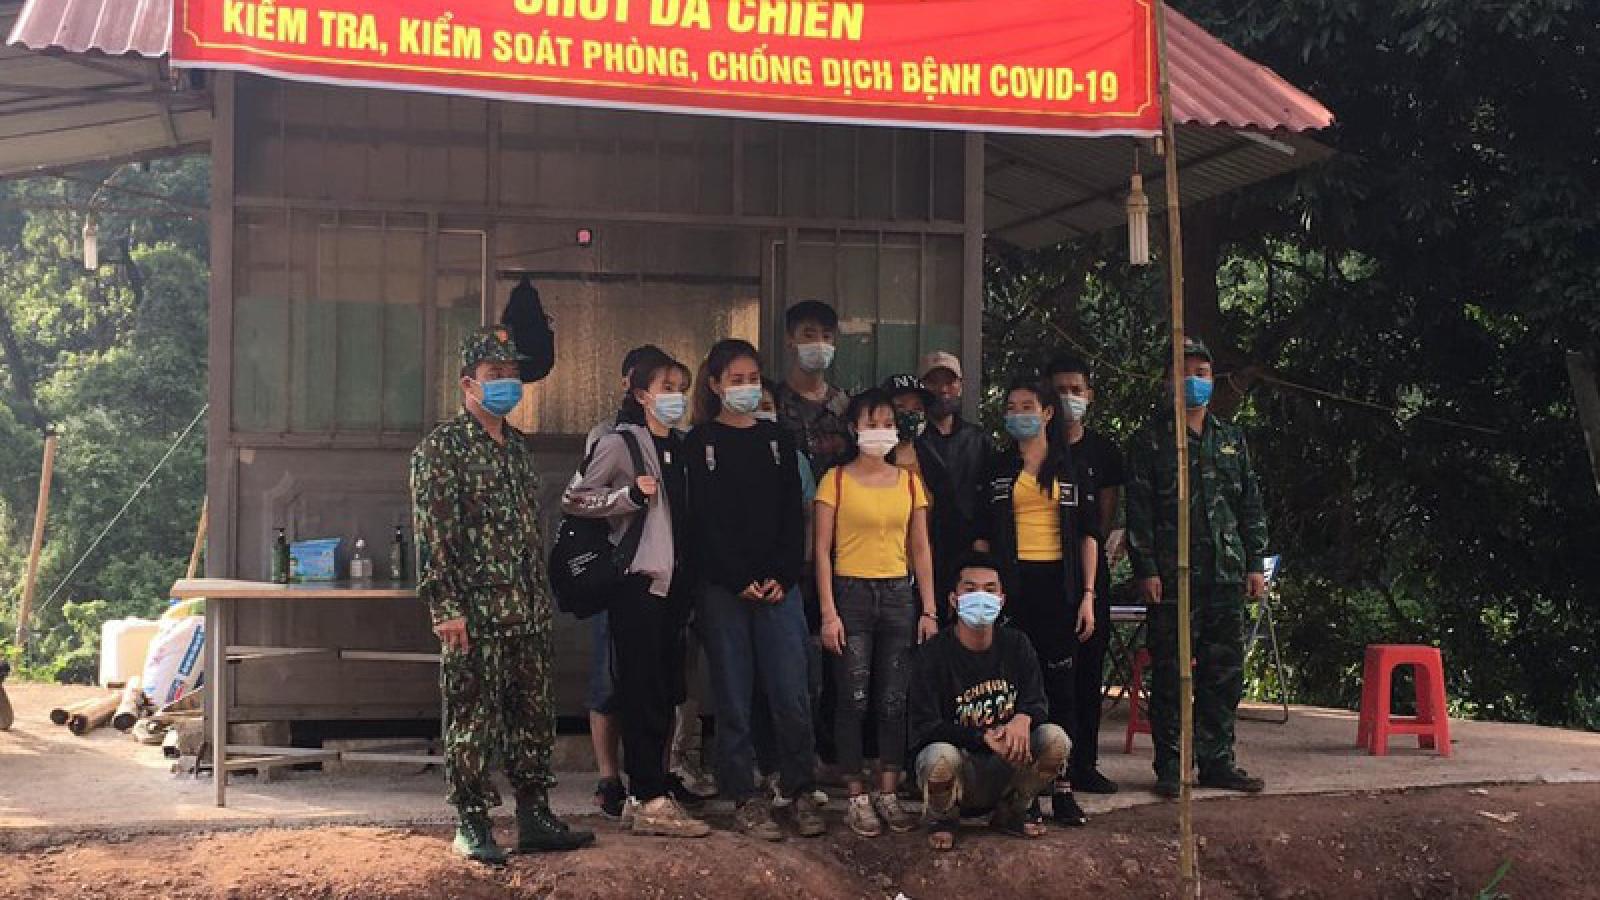 Lạng Sơn phát hiện 29 đối tượng nhập cảnh trái phép từ Trung Quốc